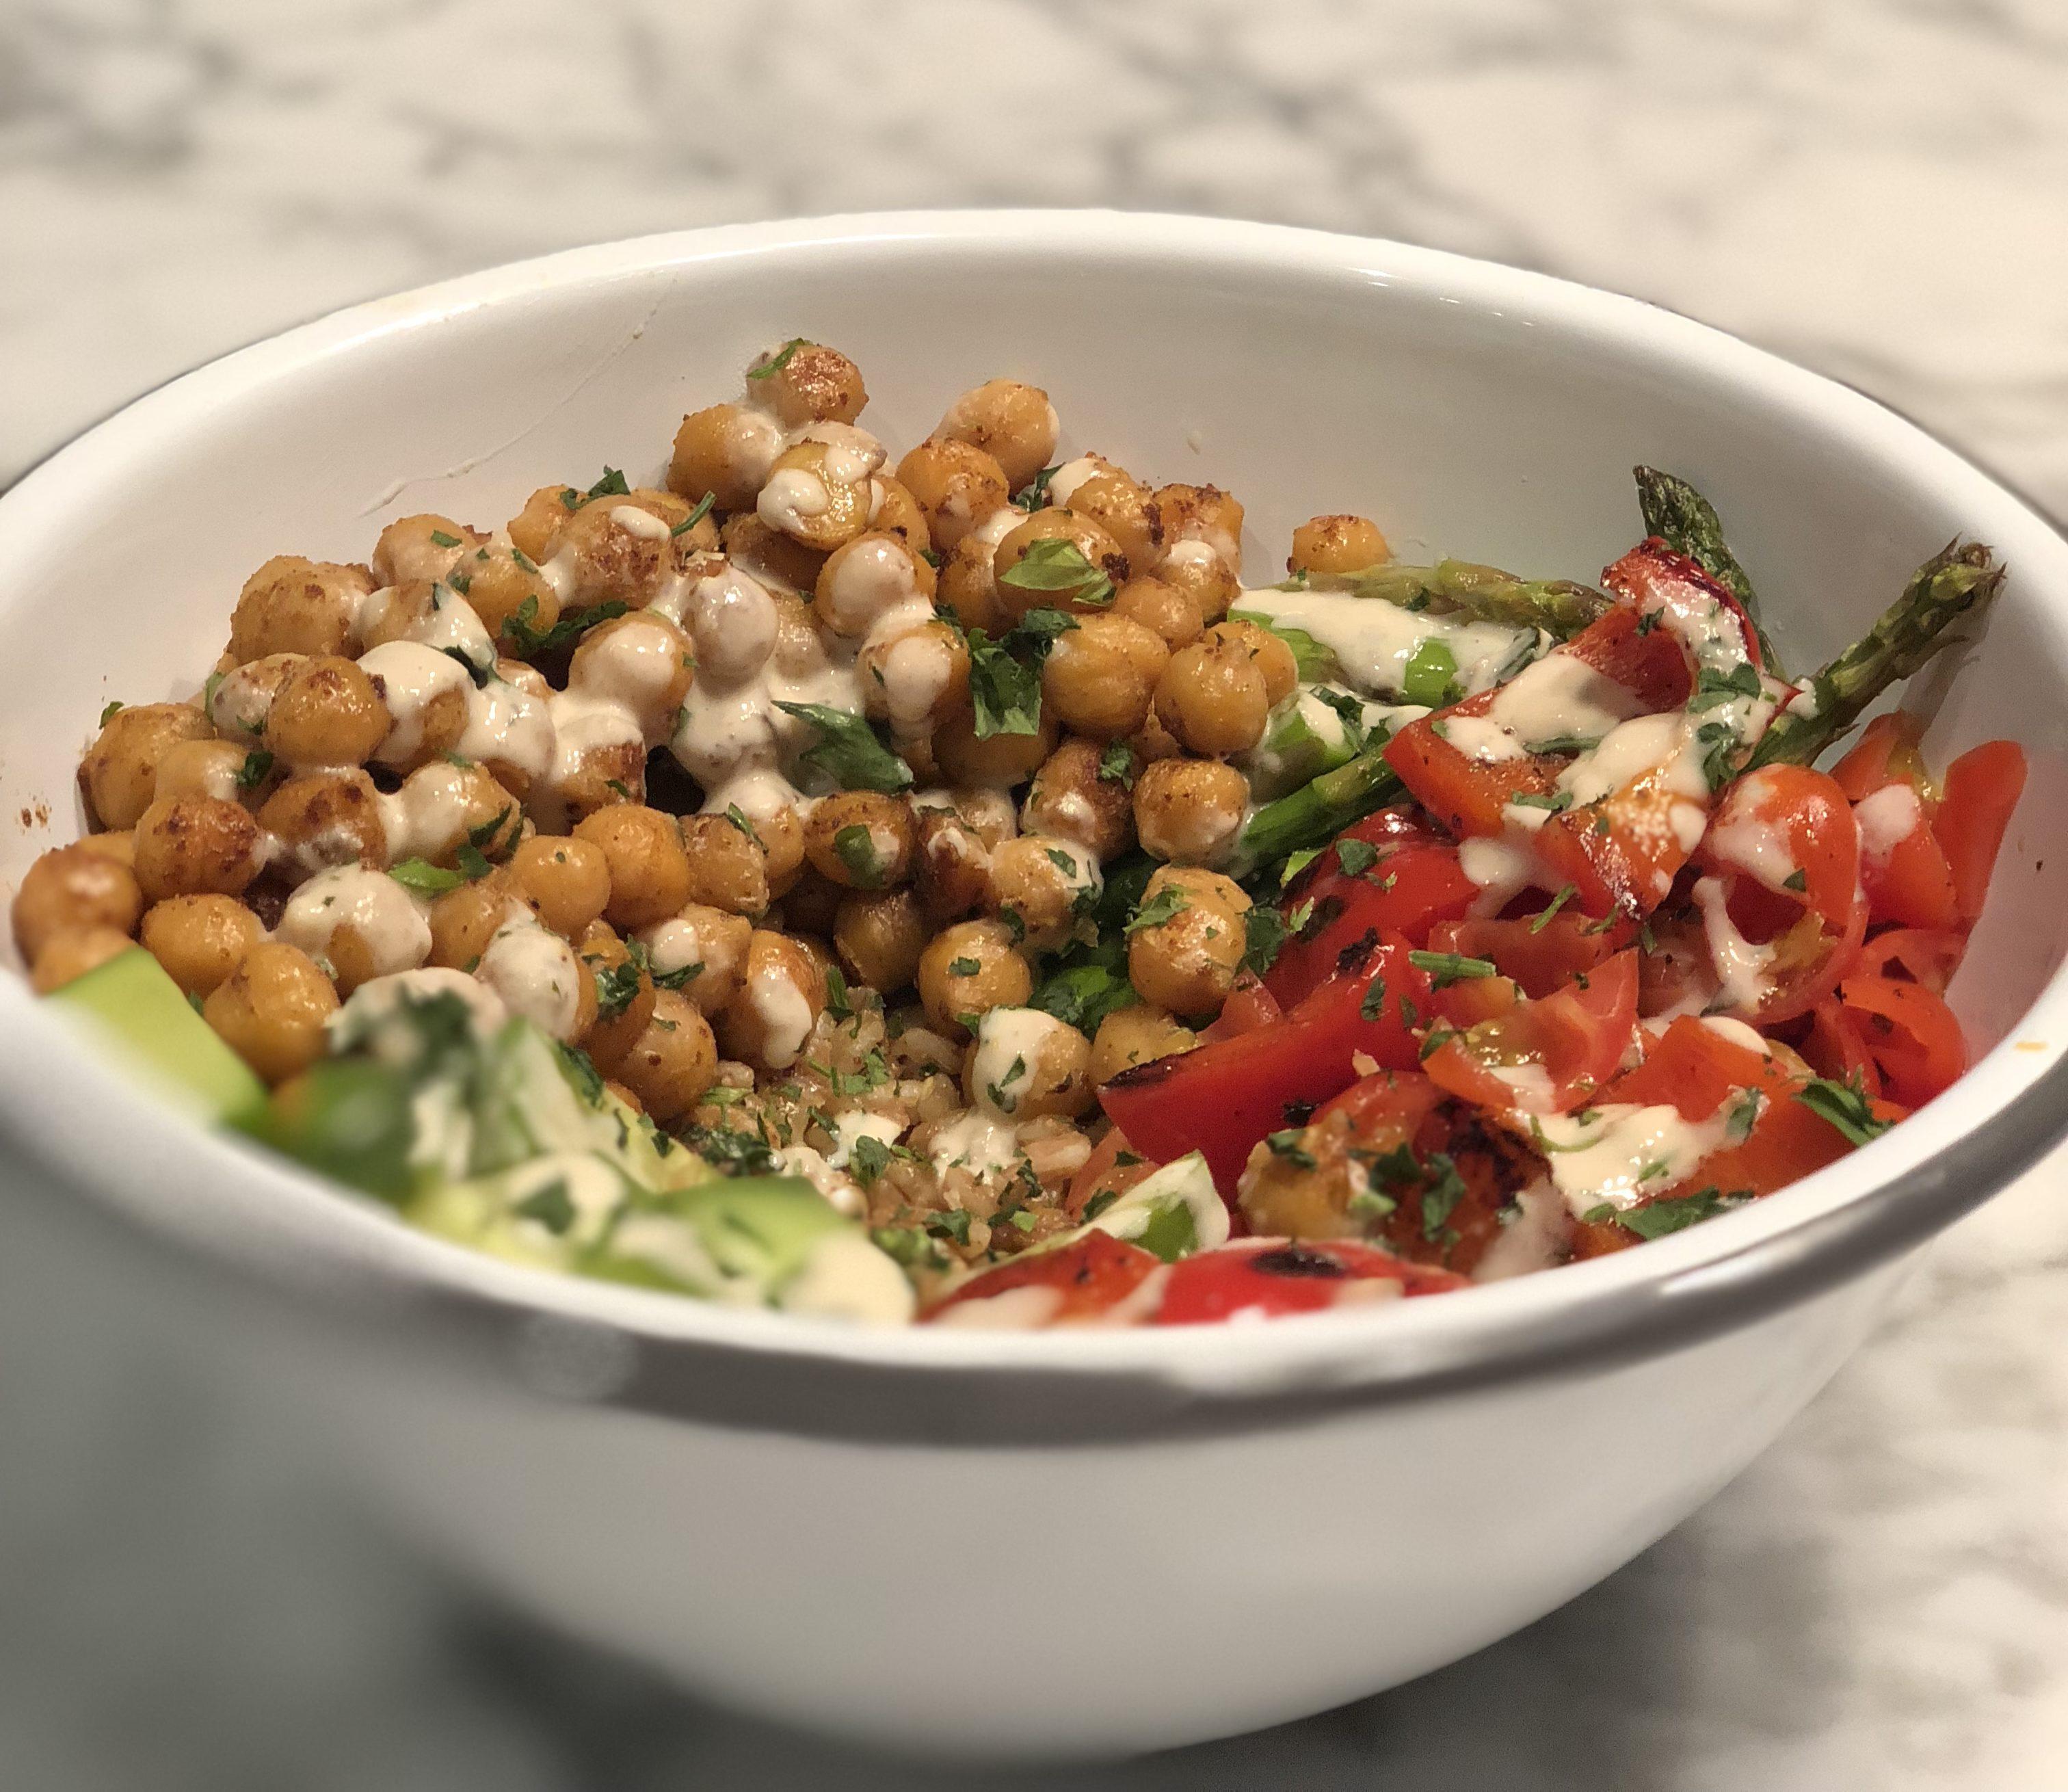 Roast Chickpea and Farro Salad